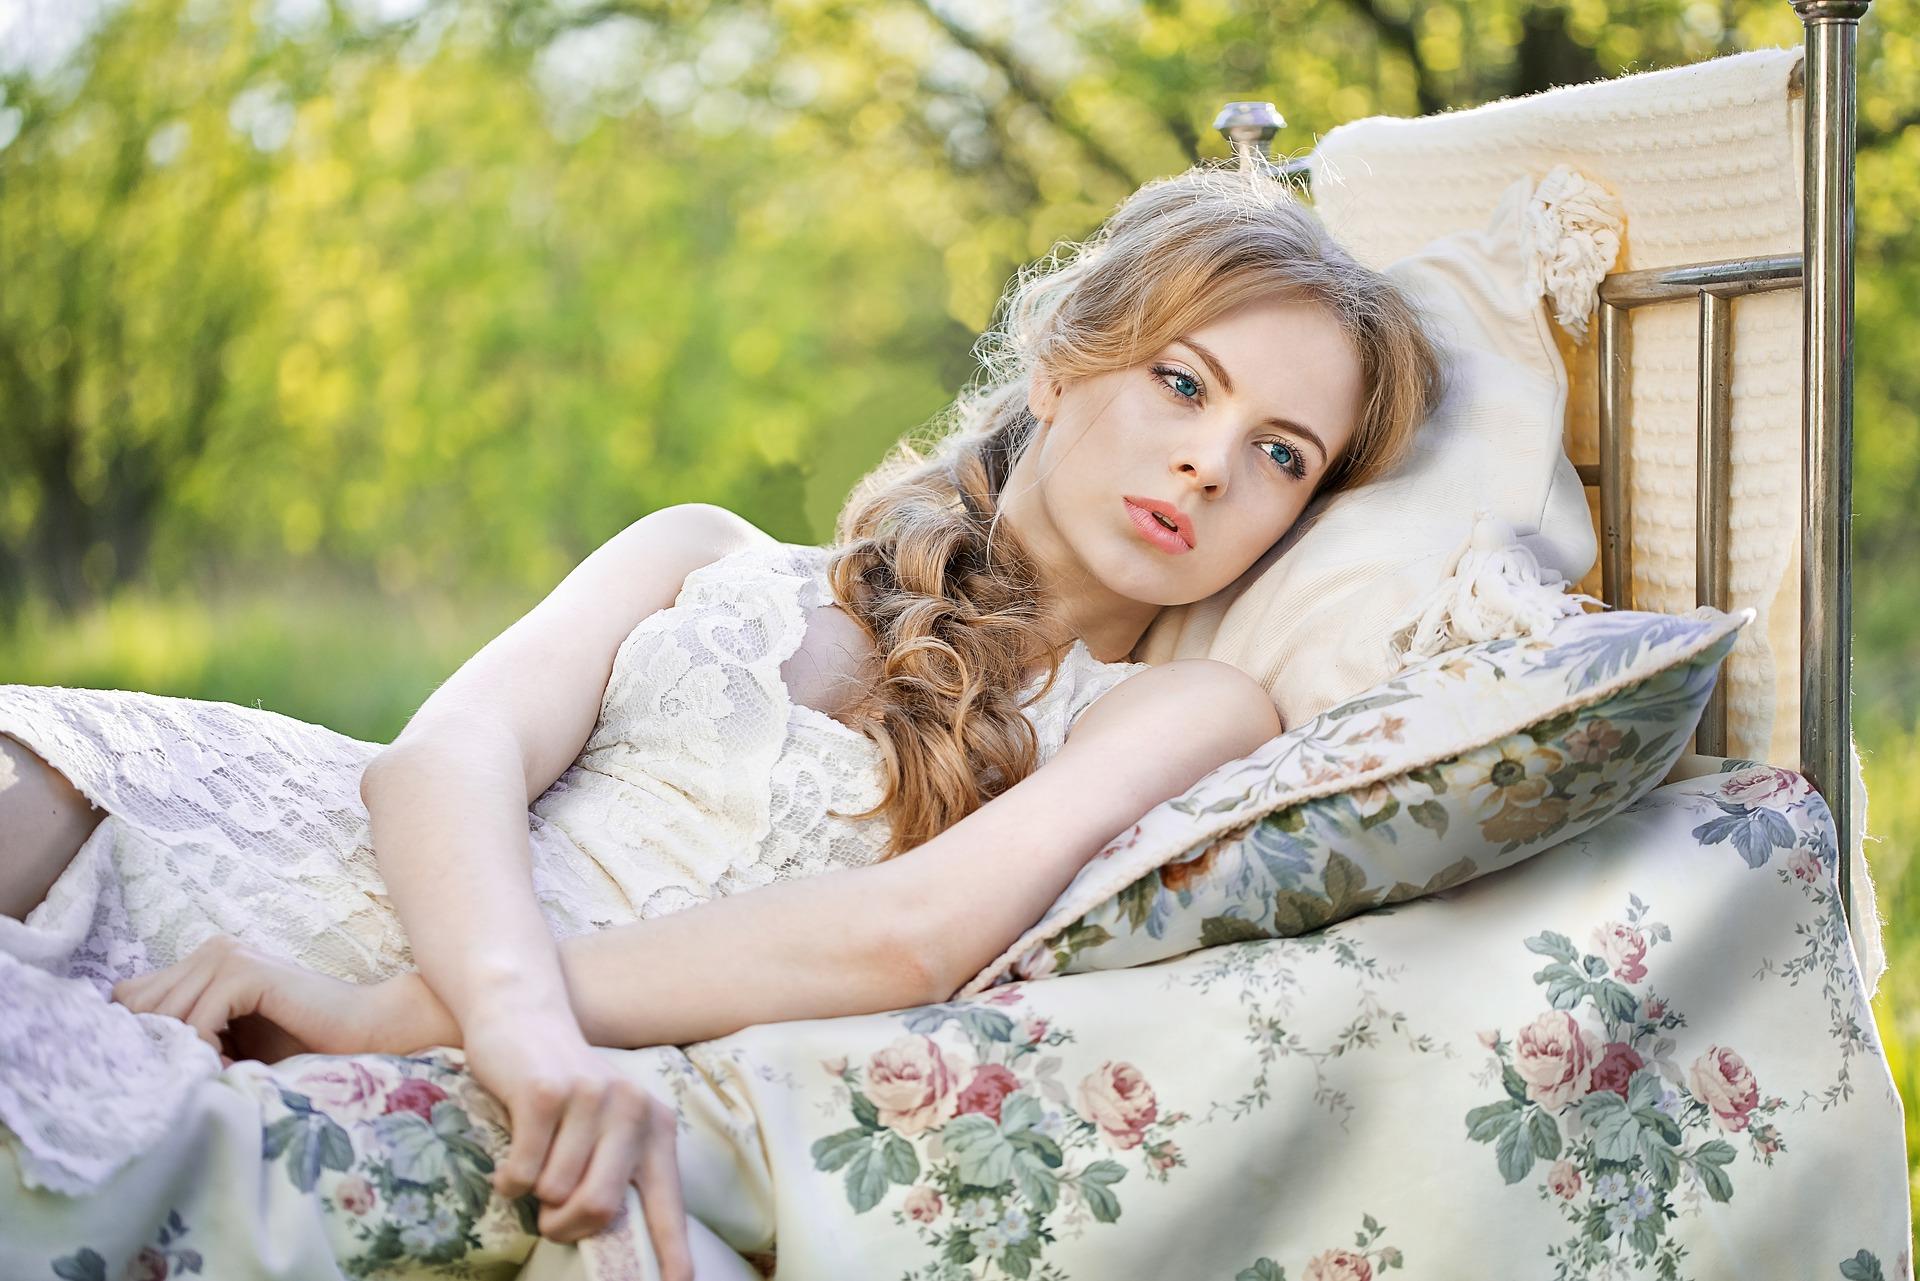 ce trebuie sa faci in pat ca sa fii fericit - sfatulparintilor.ro - pixabay_com - girl-2304038_1920